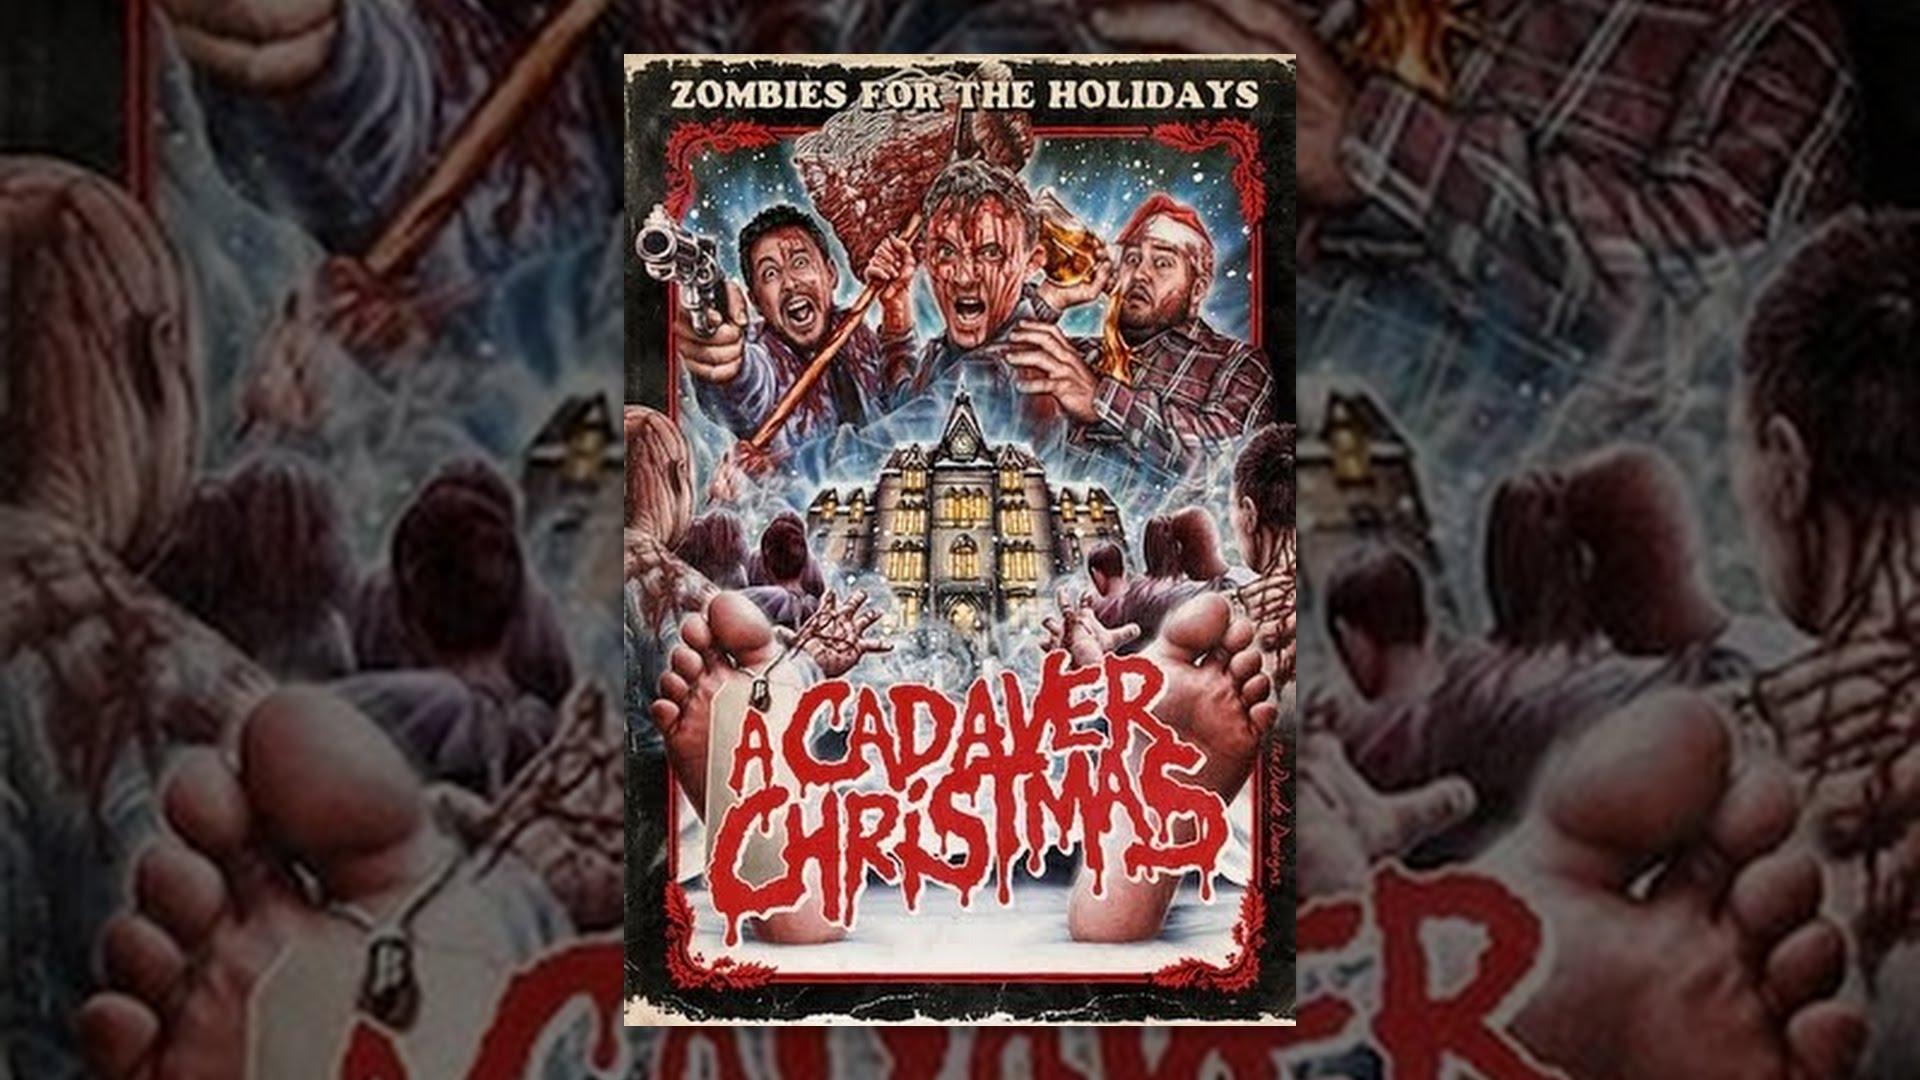 Cadaver Christmas